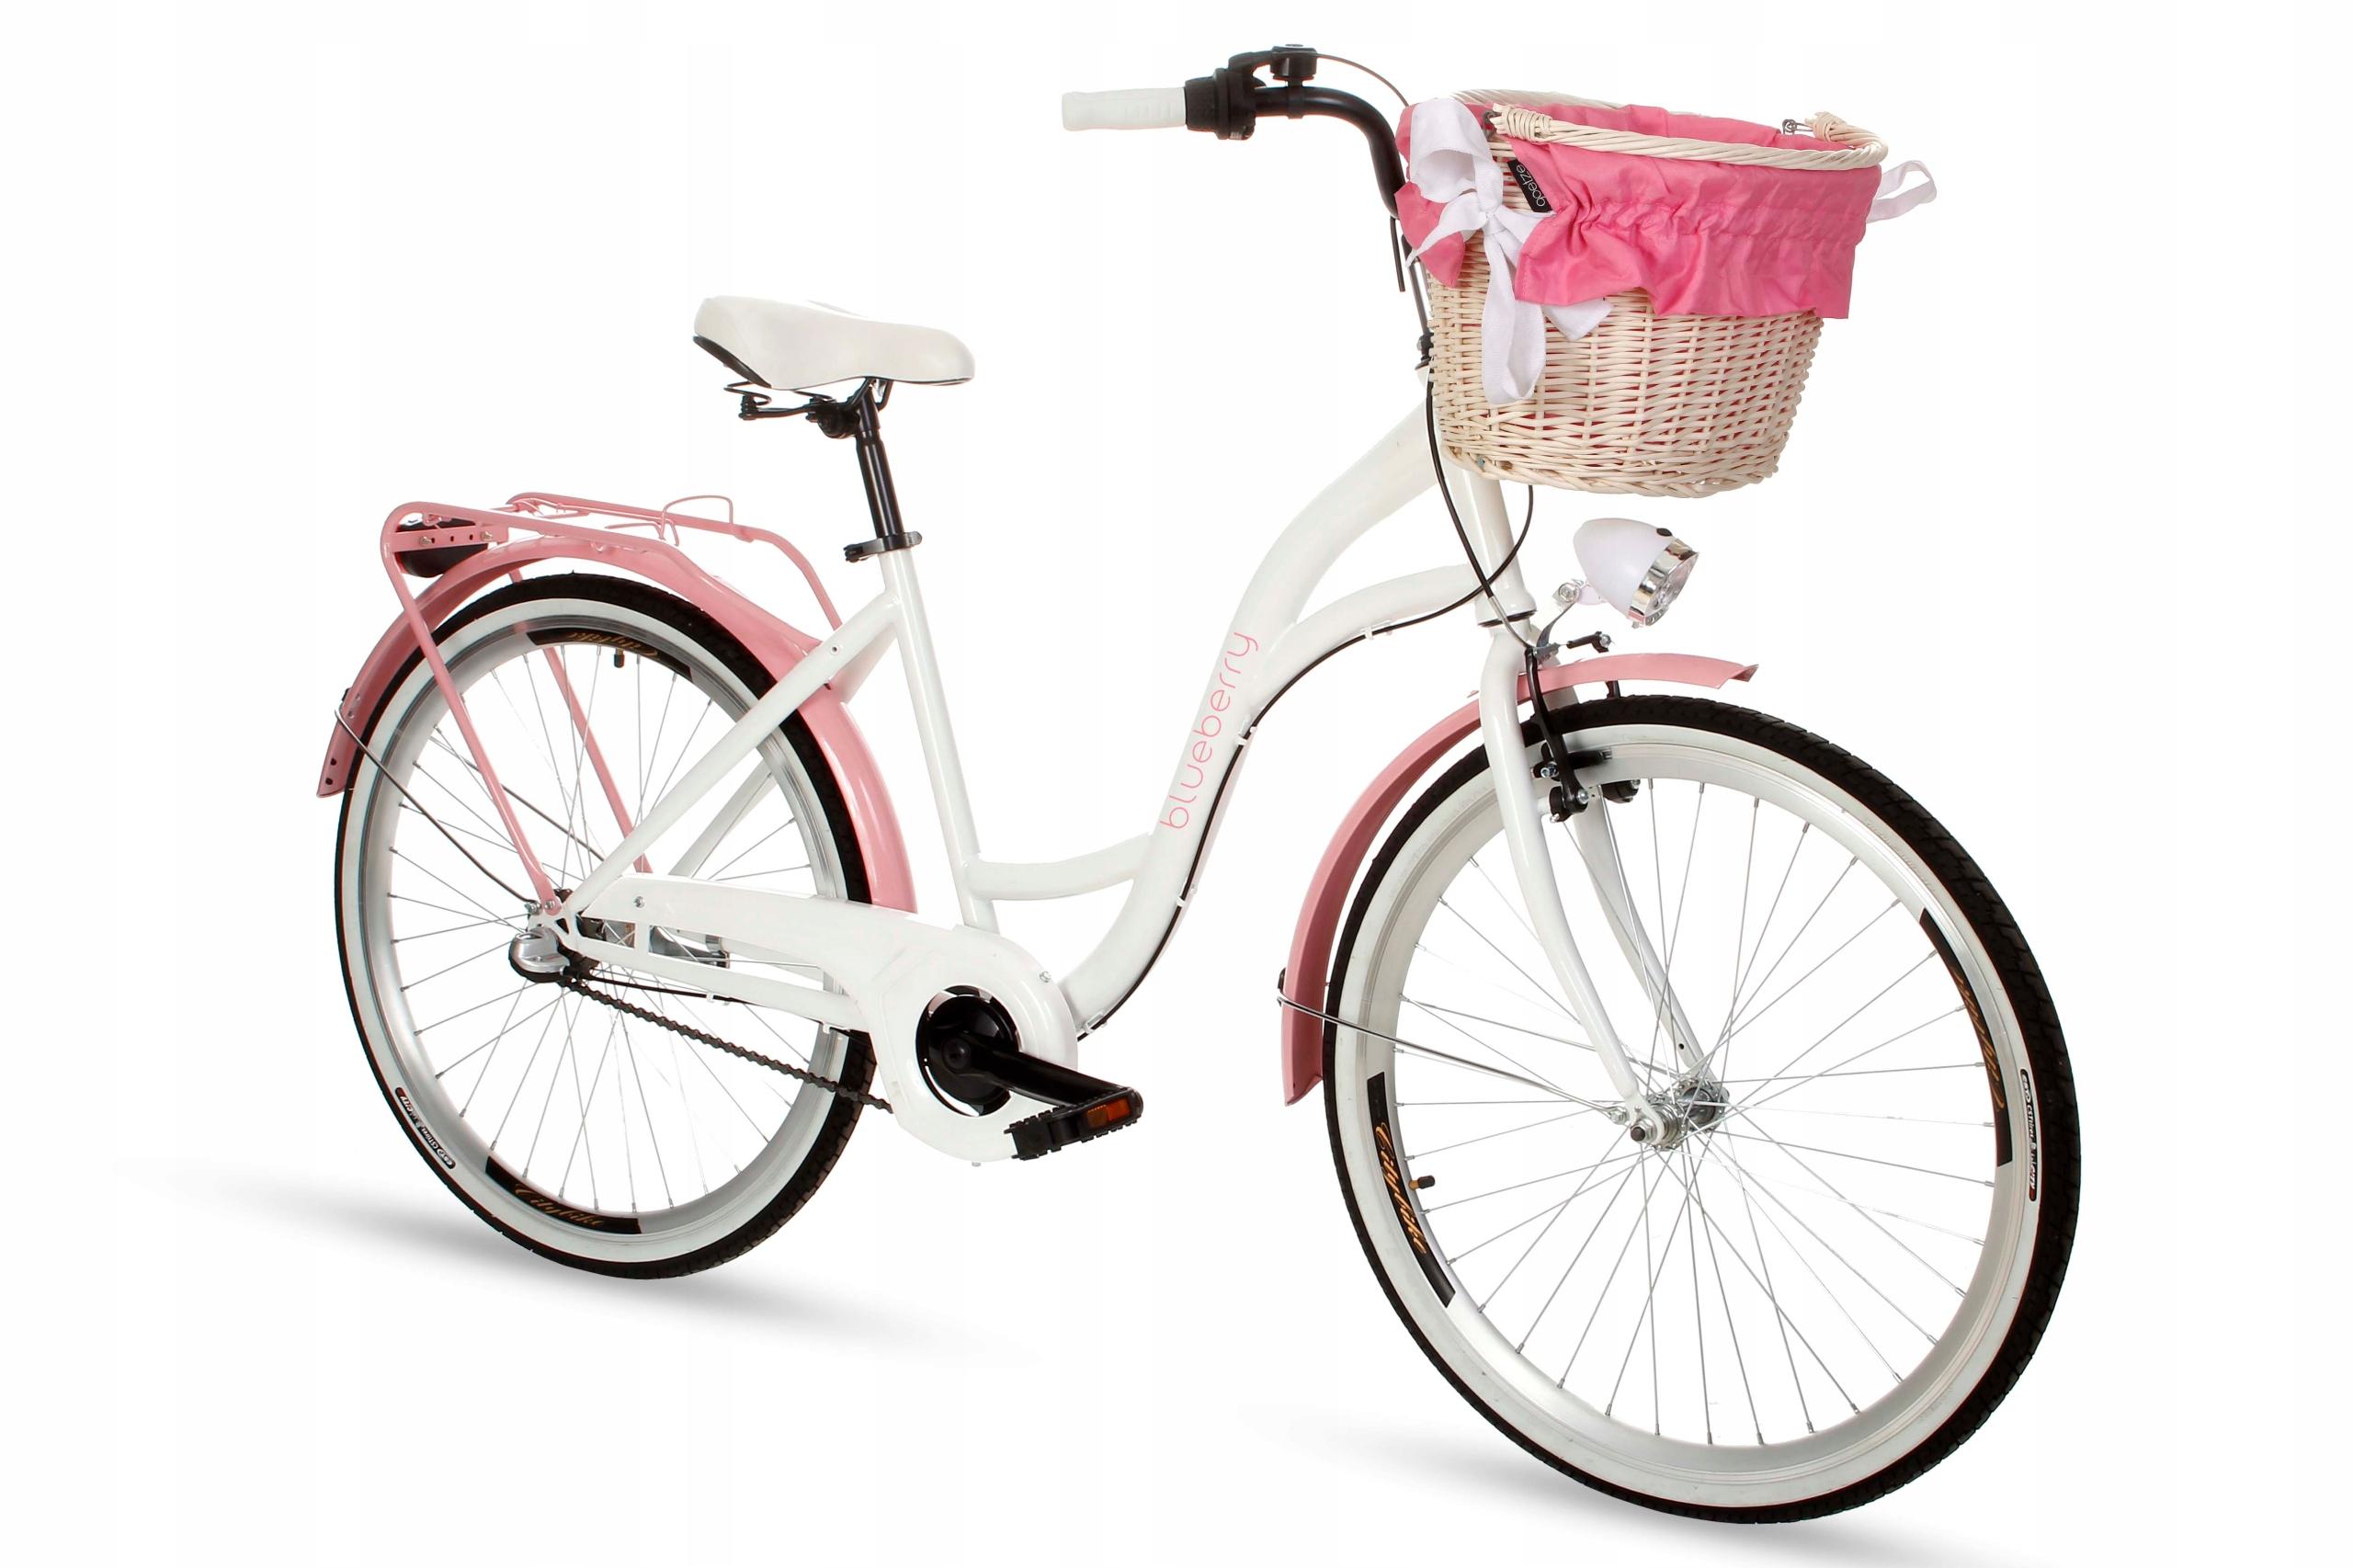 Dámsky mestský bicykel Goetze BLUEBERRY 26 3b košík!  Počet prevodových stupňov 3